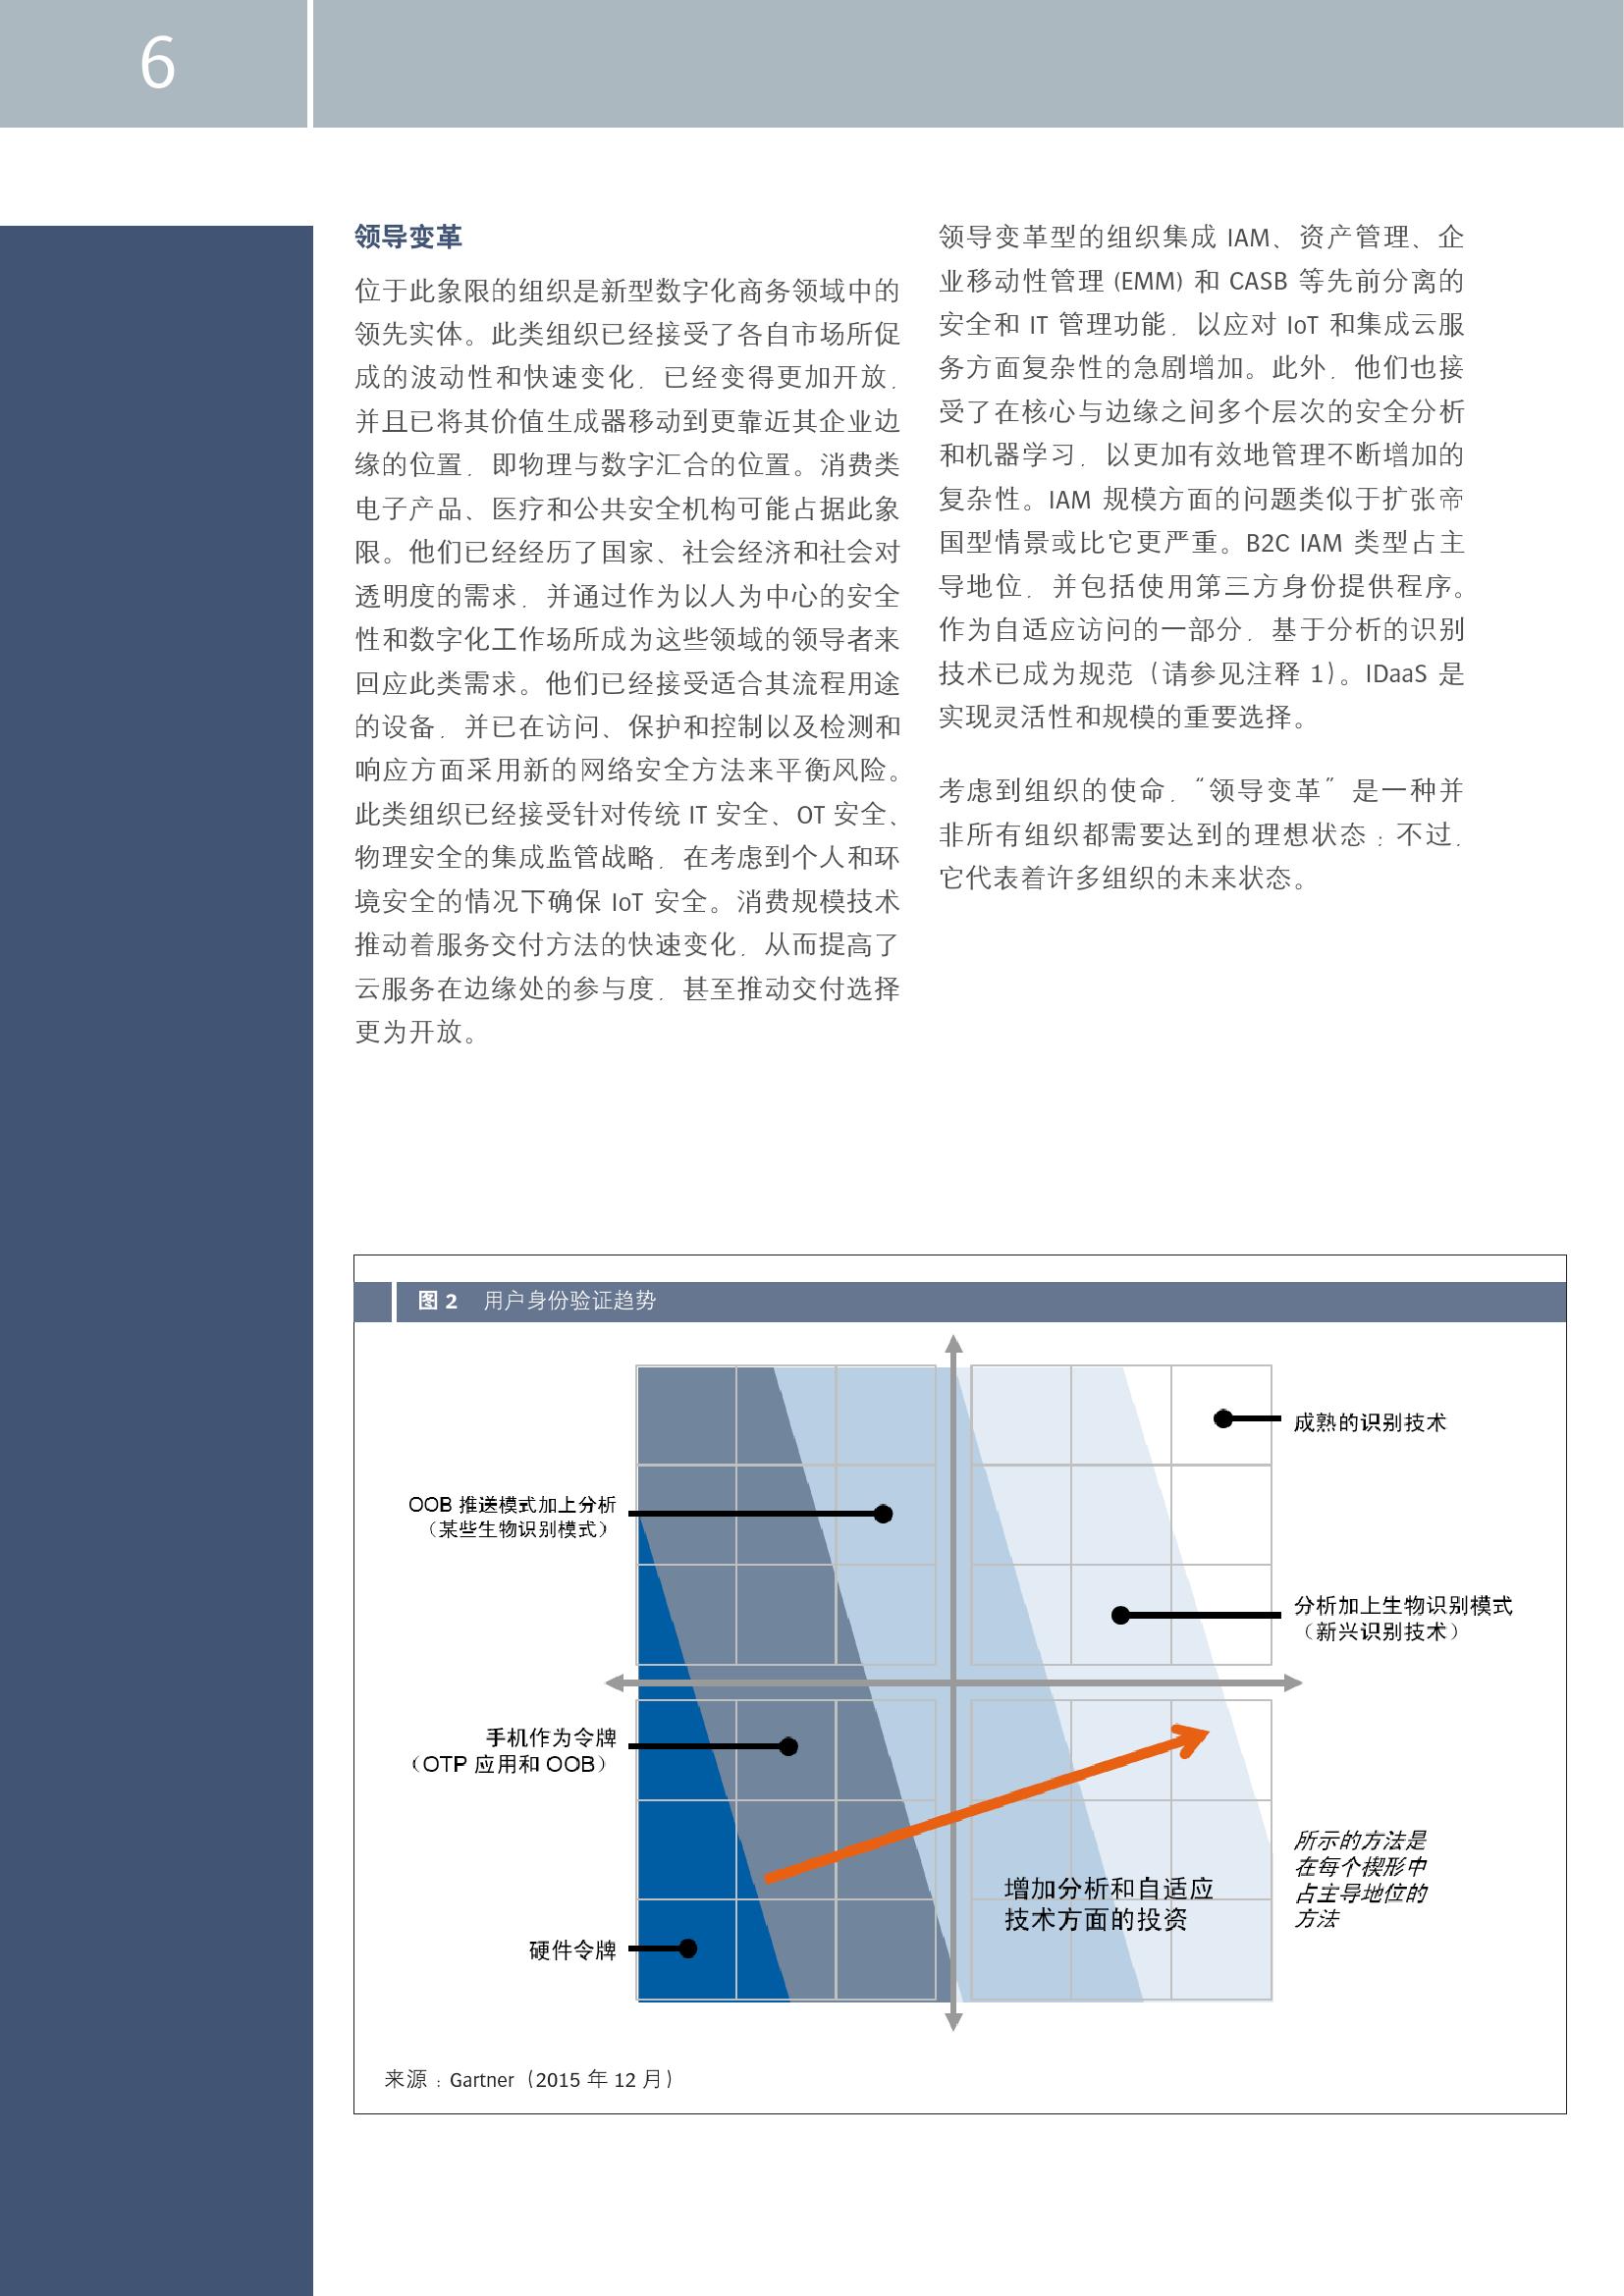 中国企业市场前瞻_000006